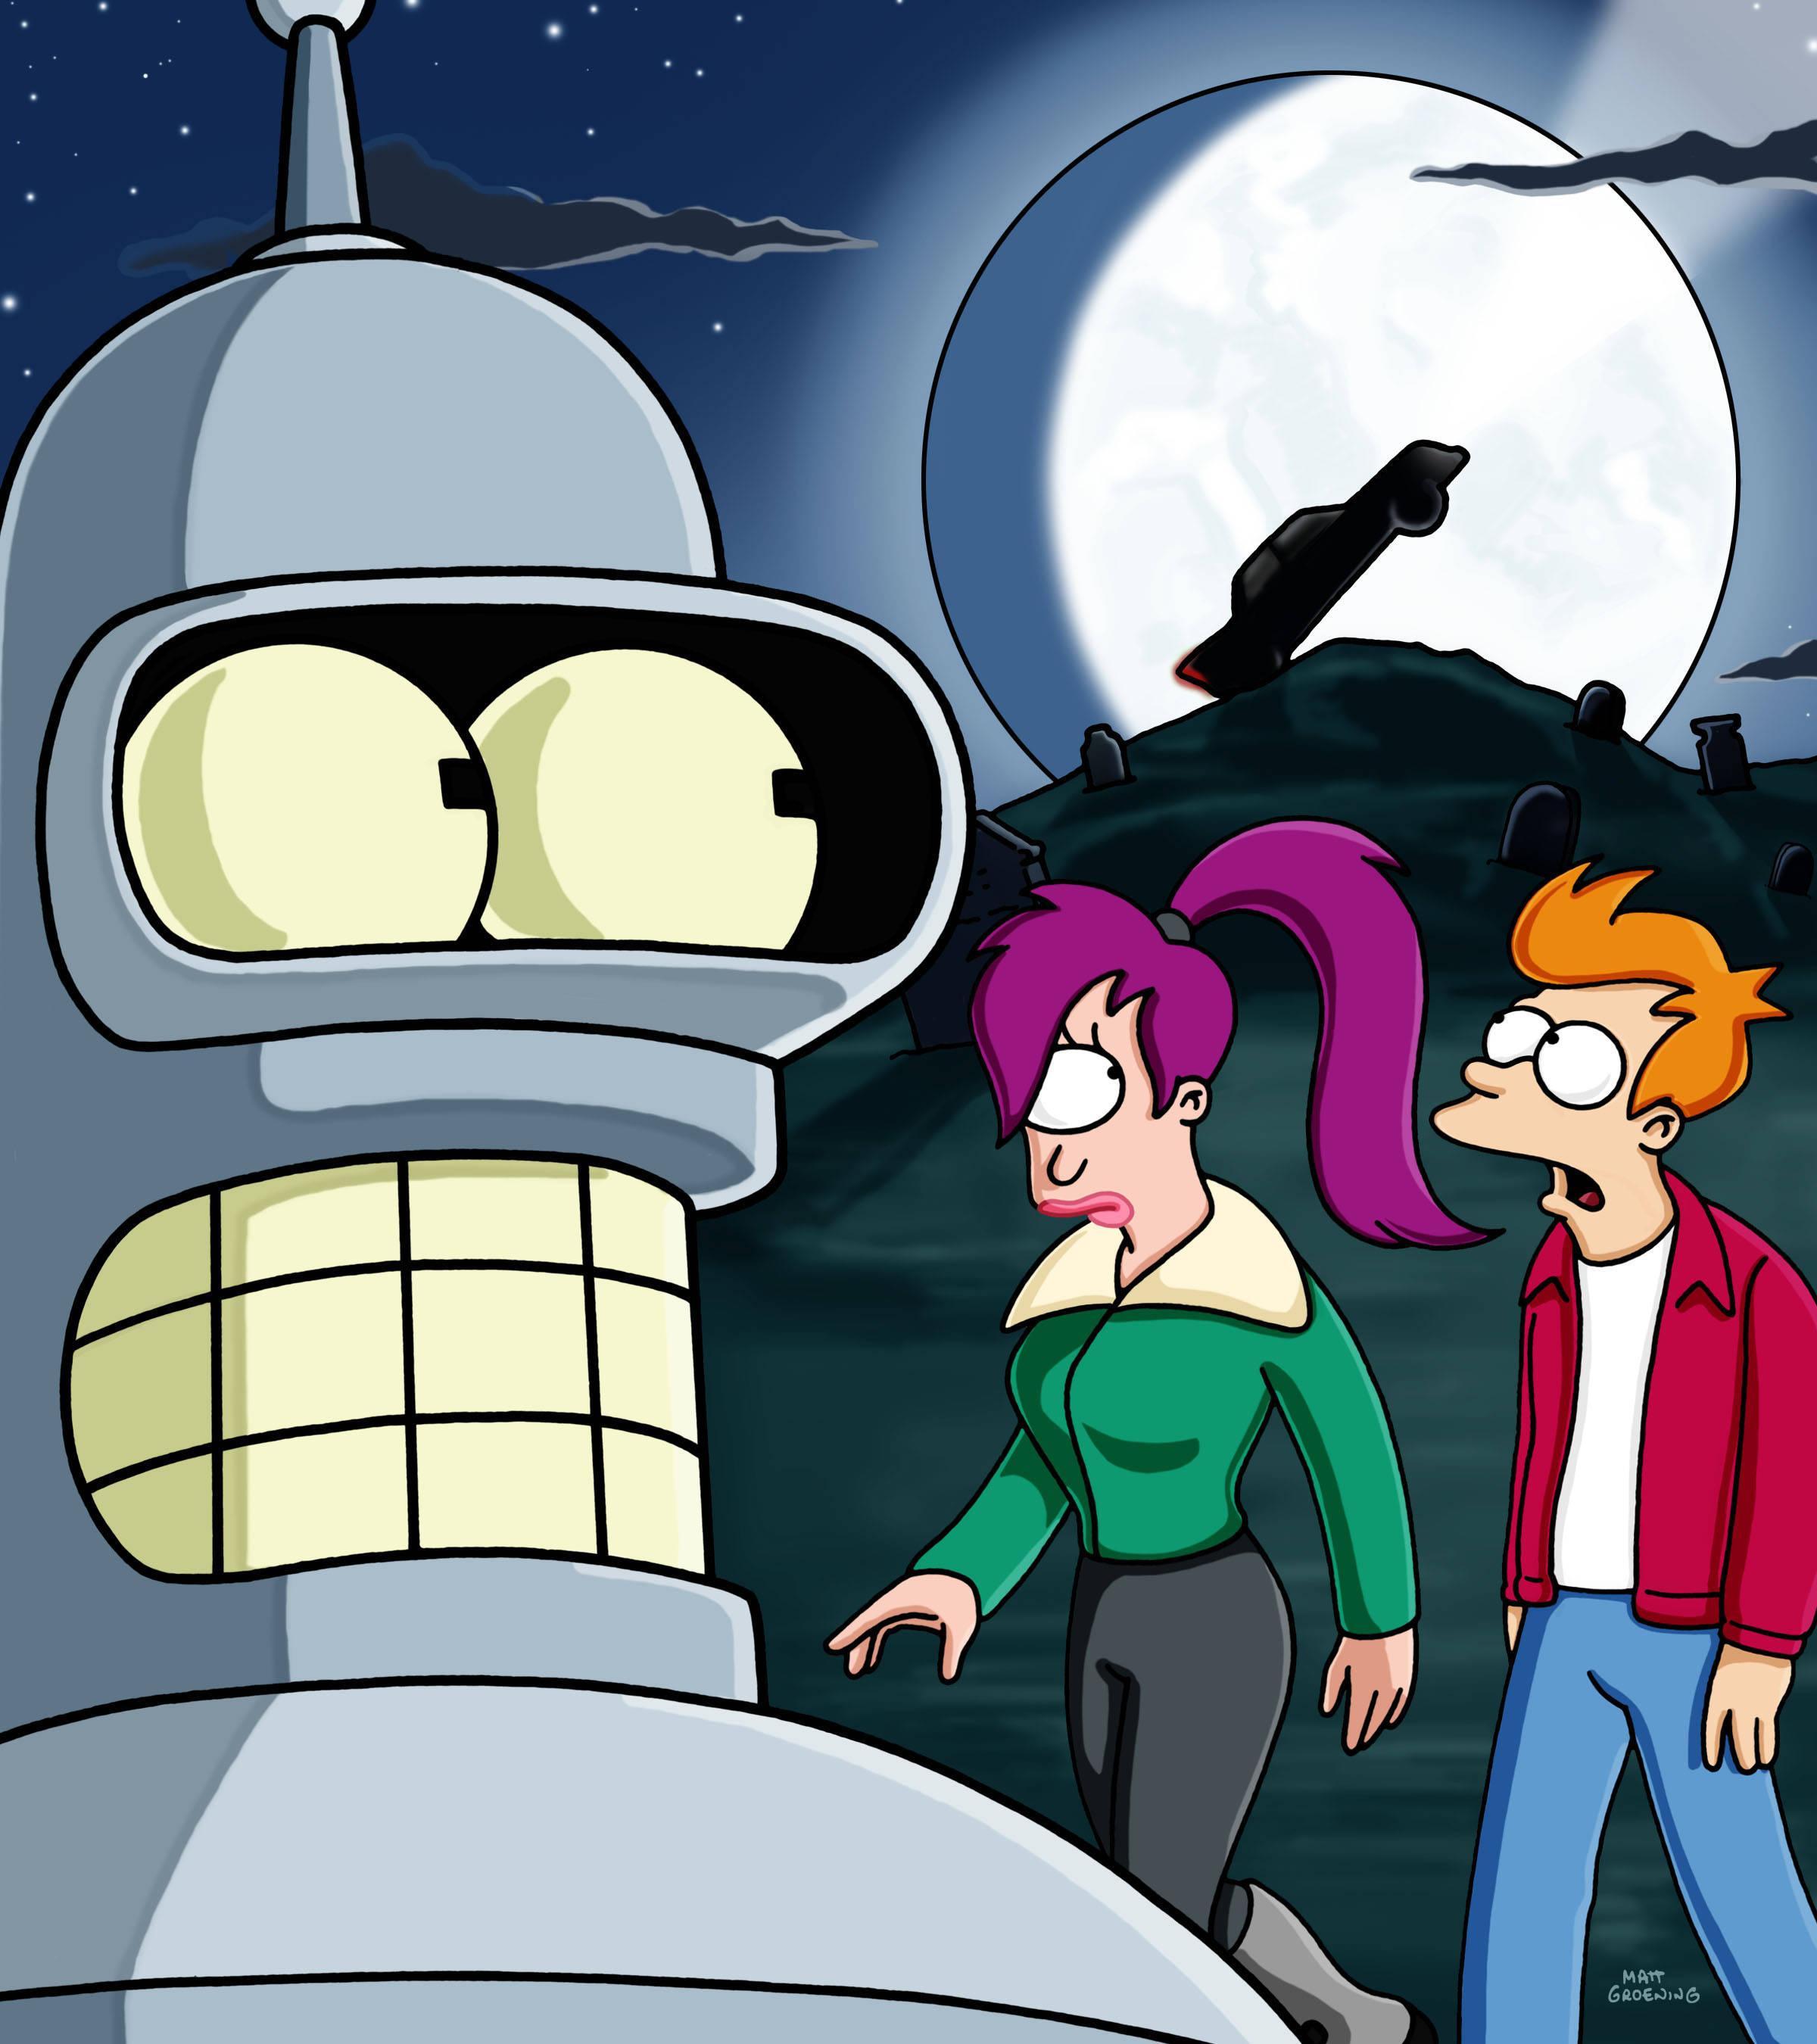 Futurama wallpaper, Bender, фото, обои для рабочего стола, скачать, Футурама мультфильм